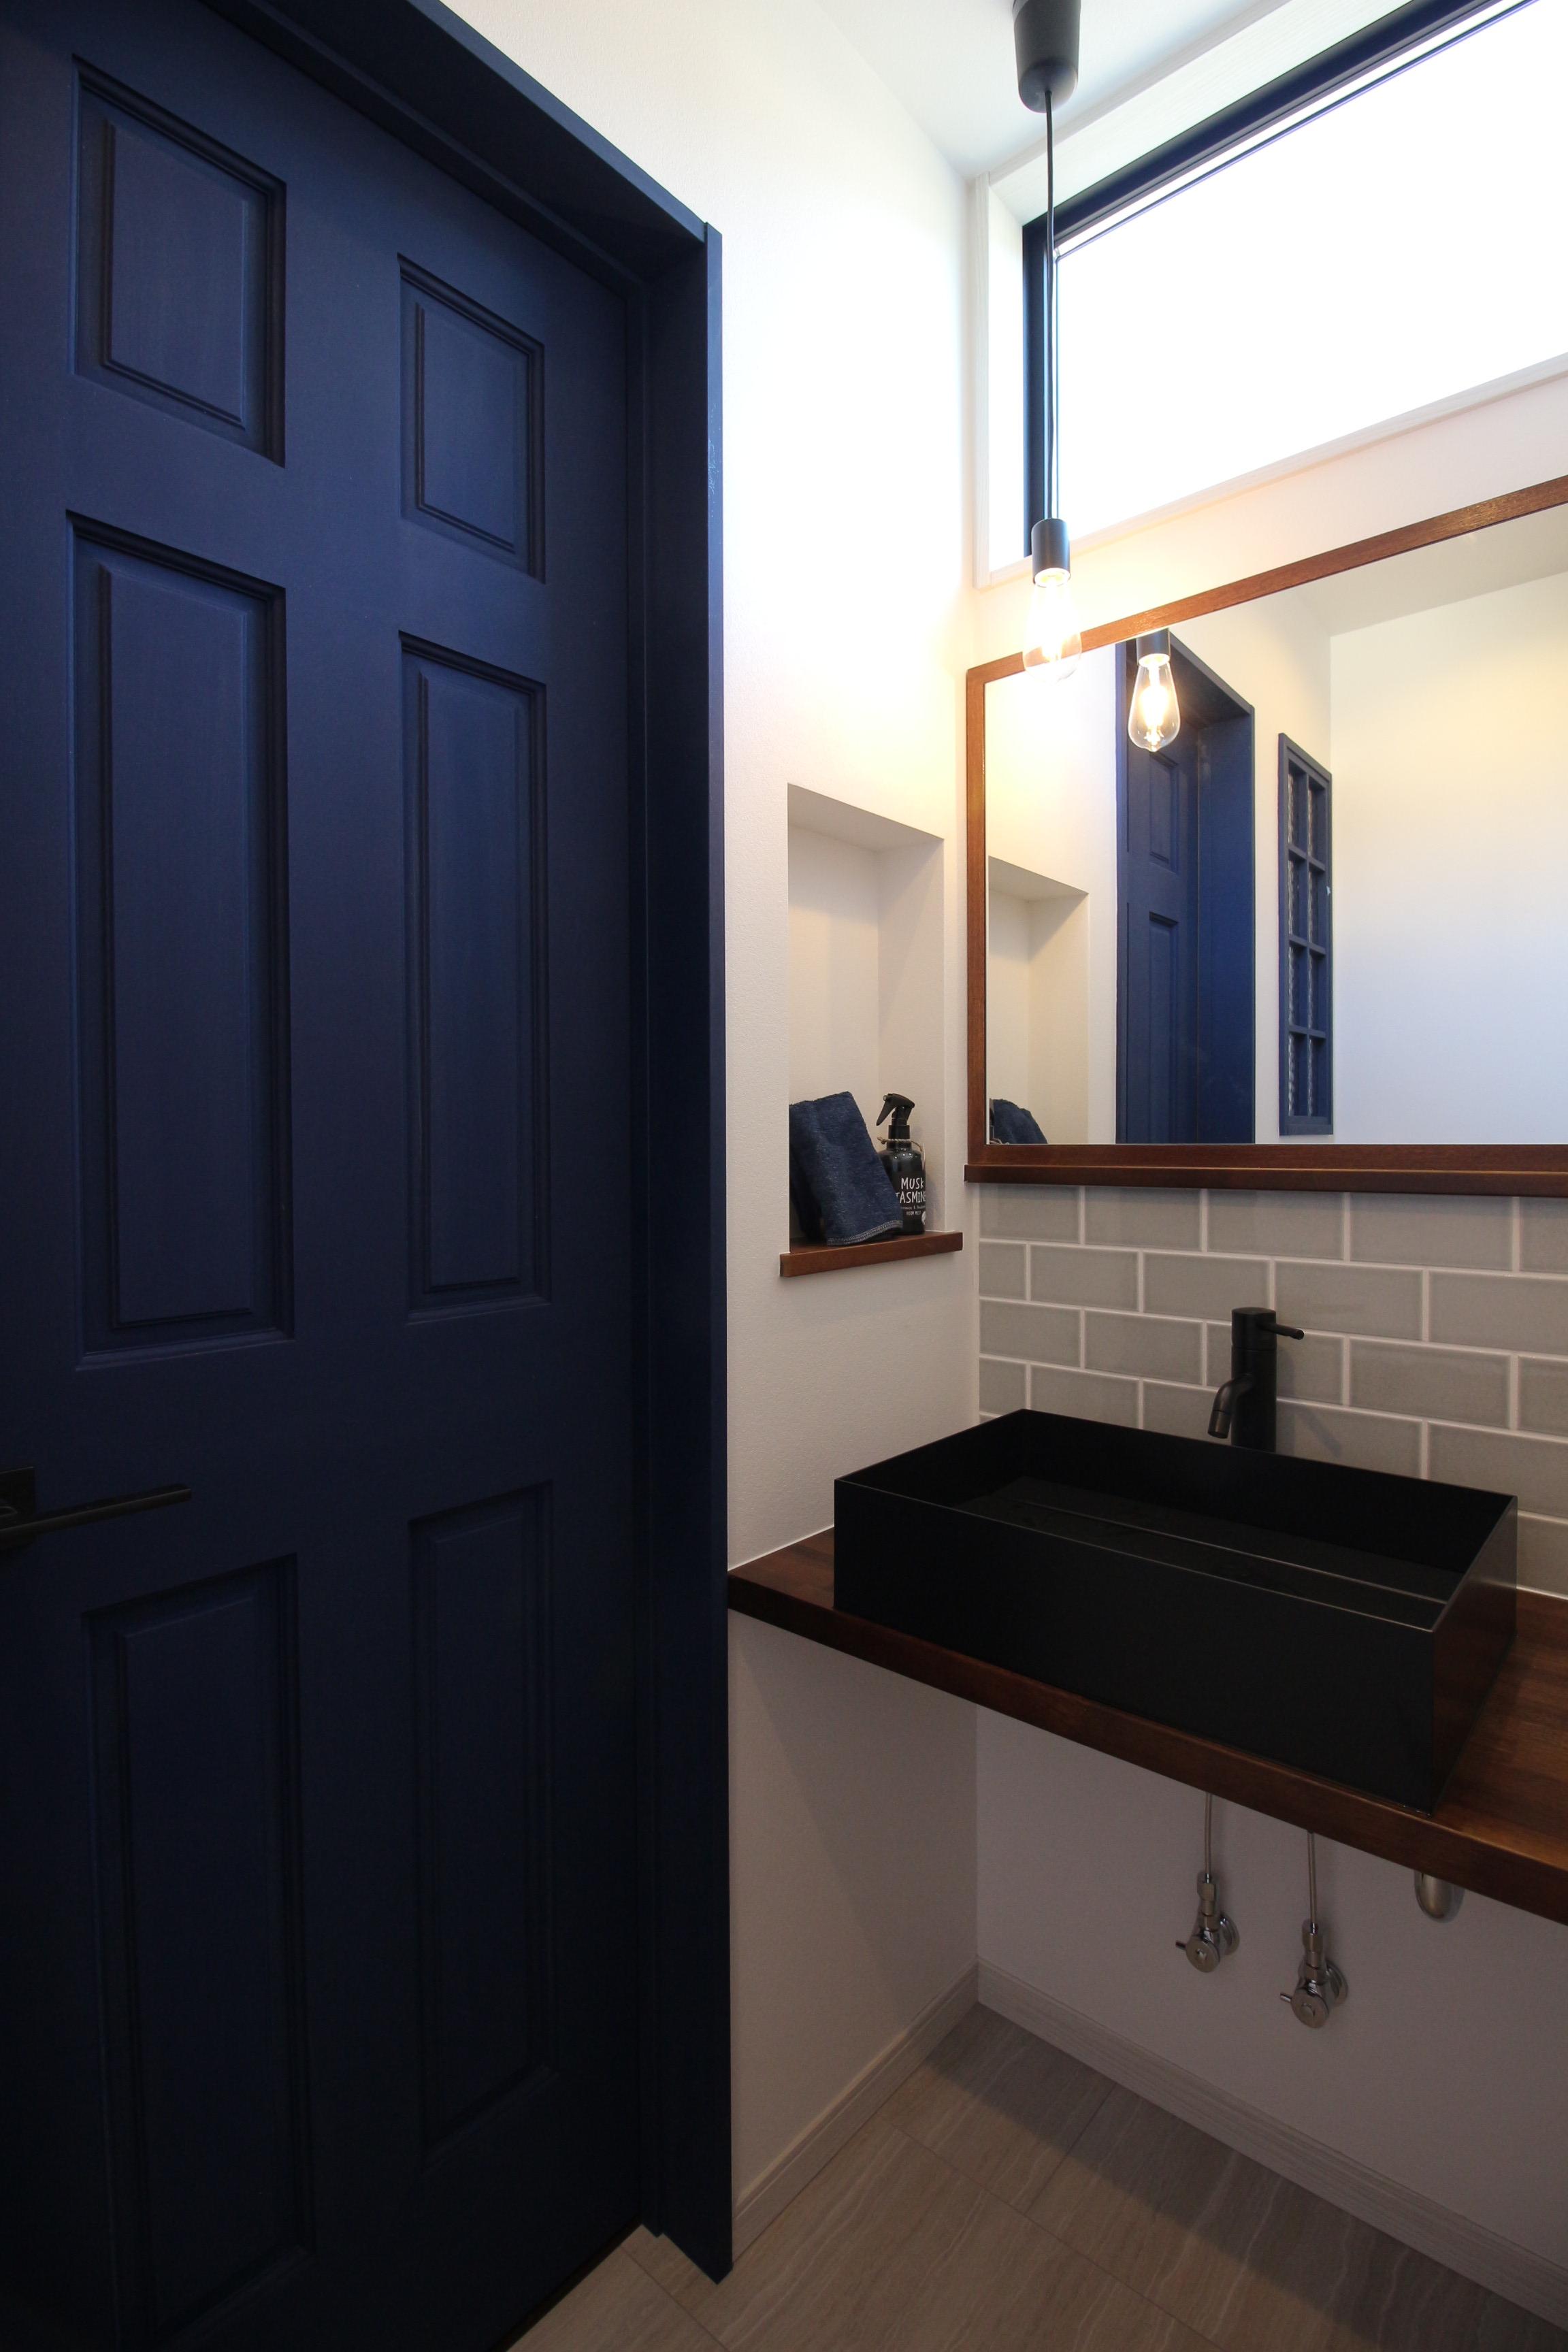 シンプルな洗面台に照明や造作の鏡を合わせた